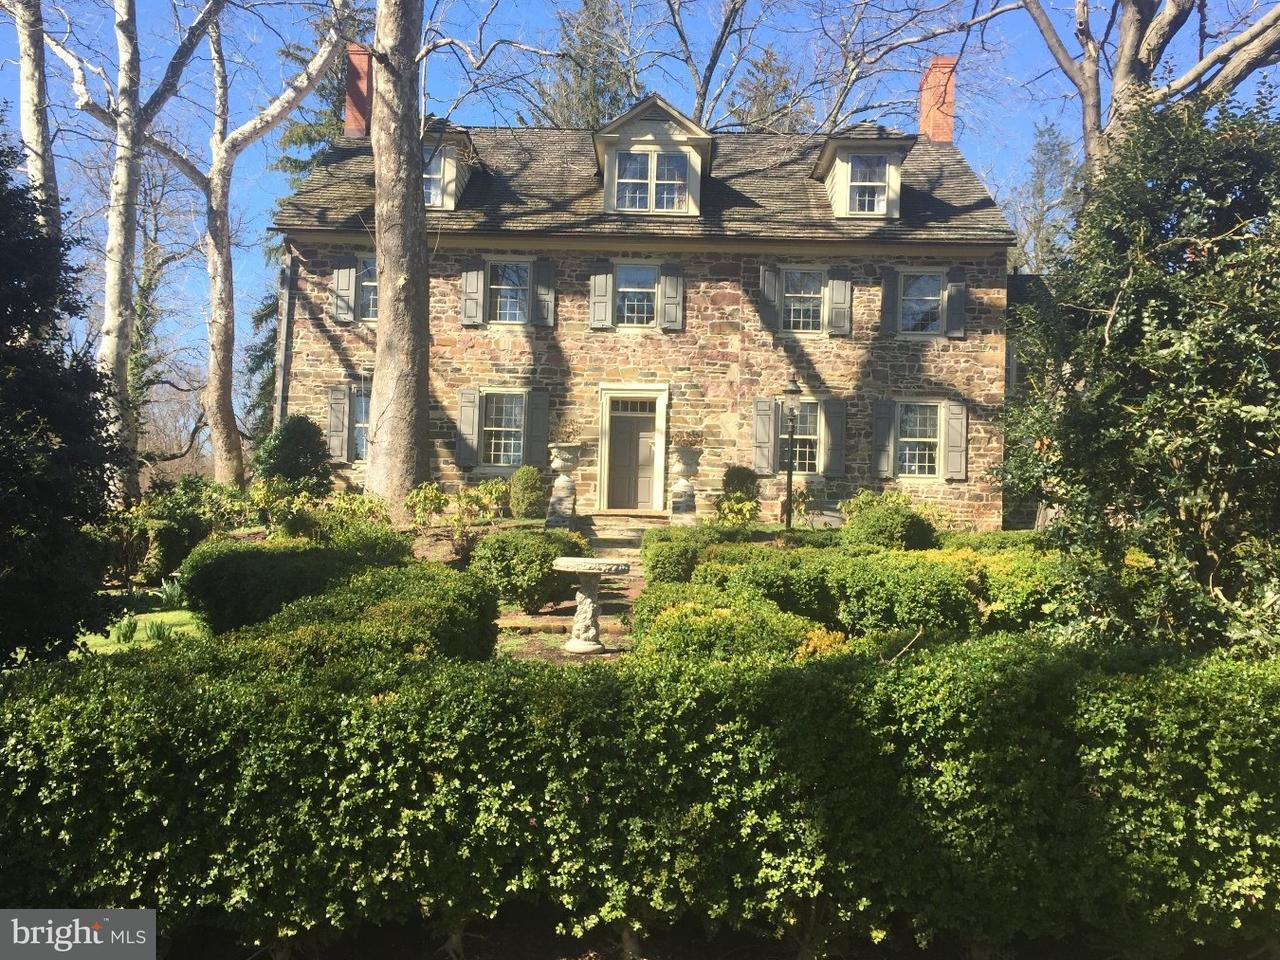 Maison unifamiliale pour l Vente à 1221 MEETINGHOUSE Road Gwynedd, Pennsylvanie 19436 États-Unis